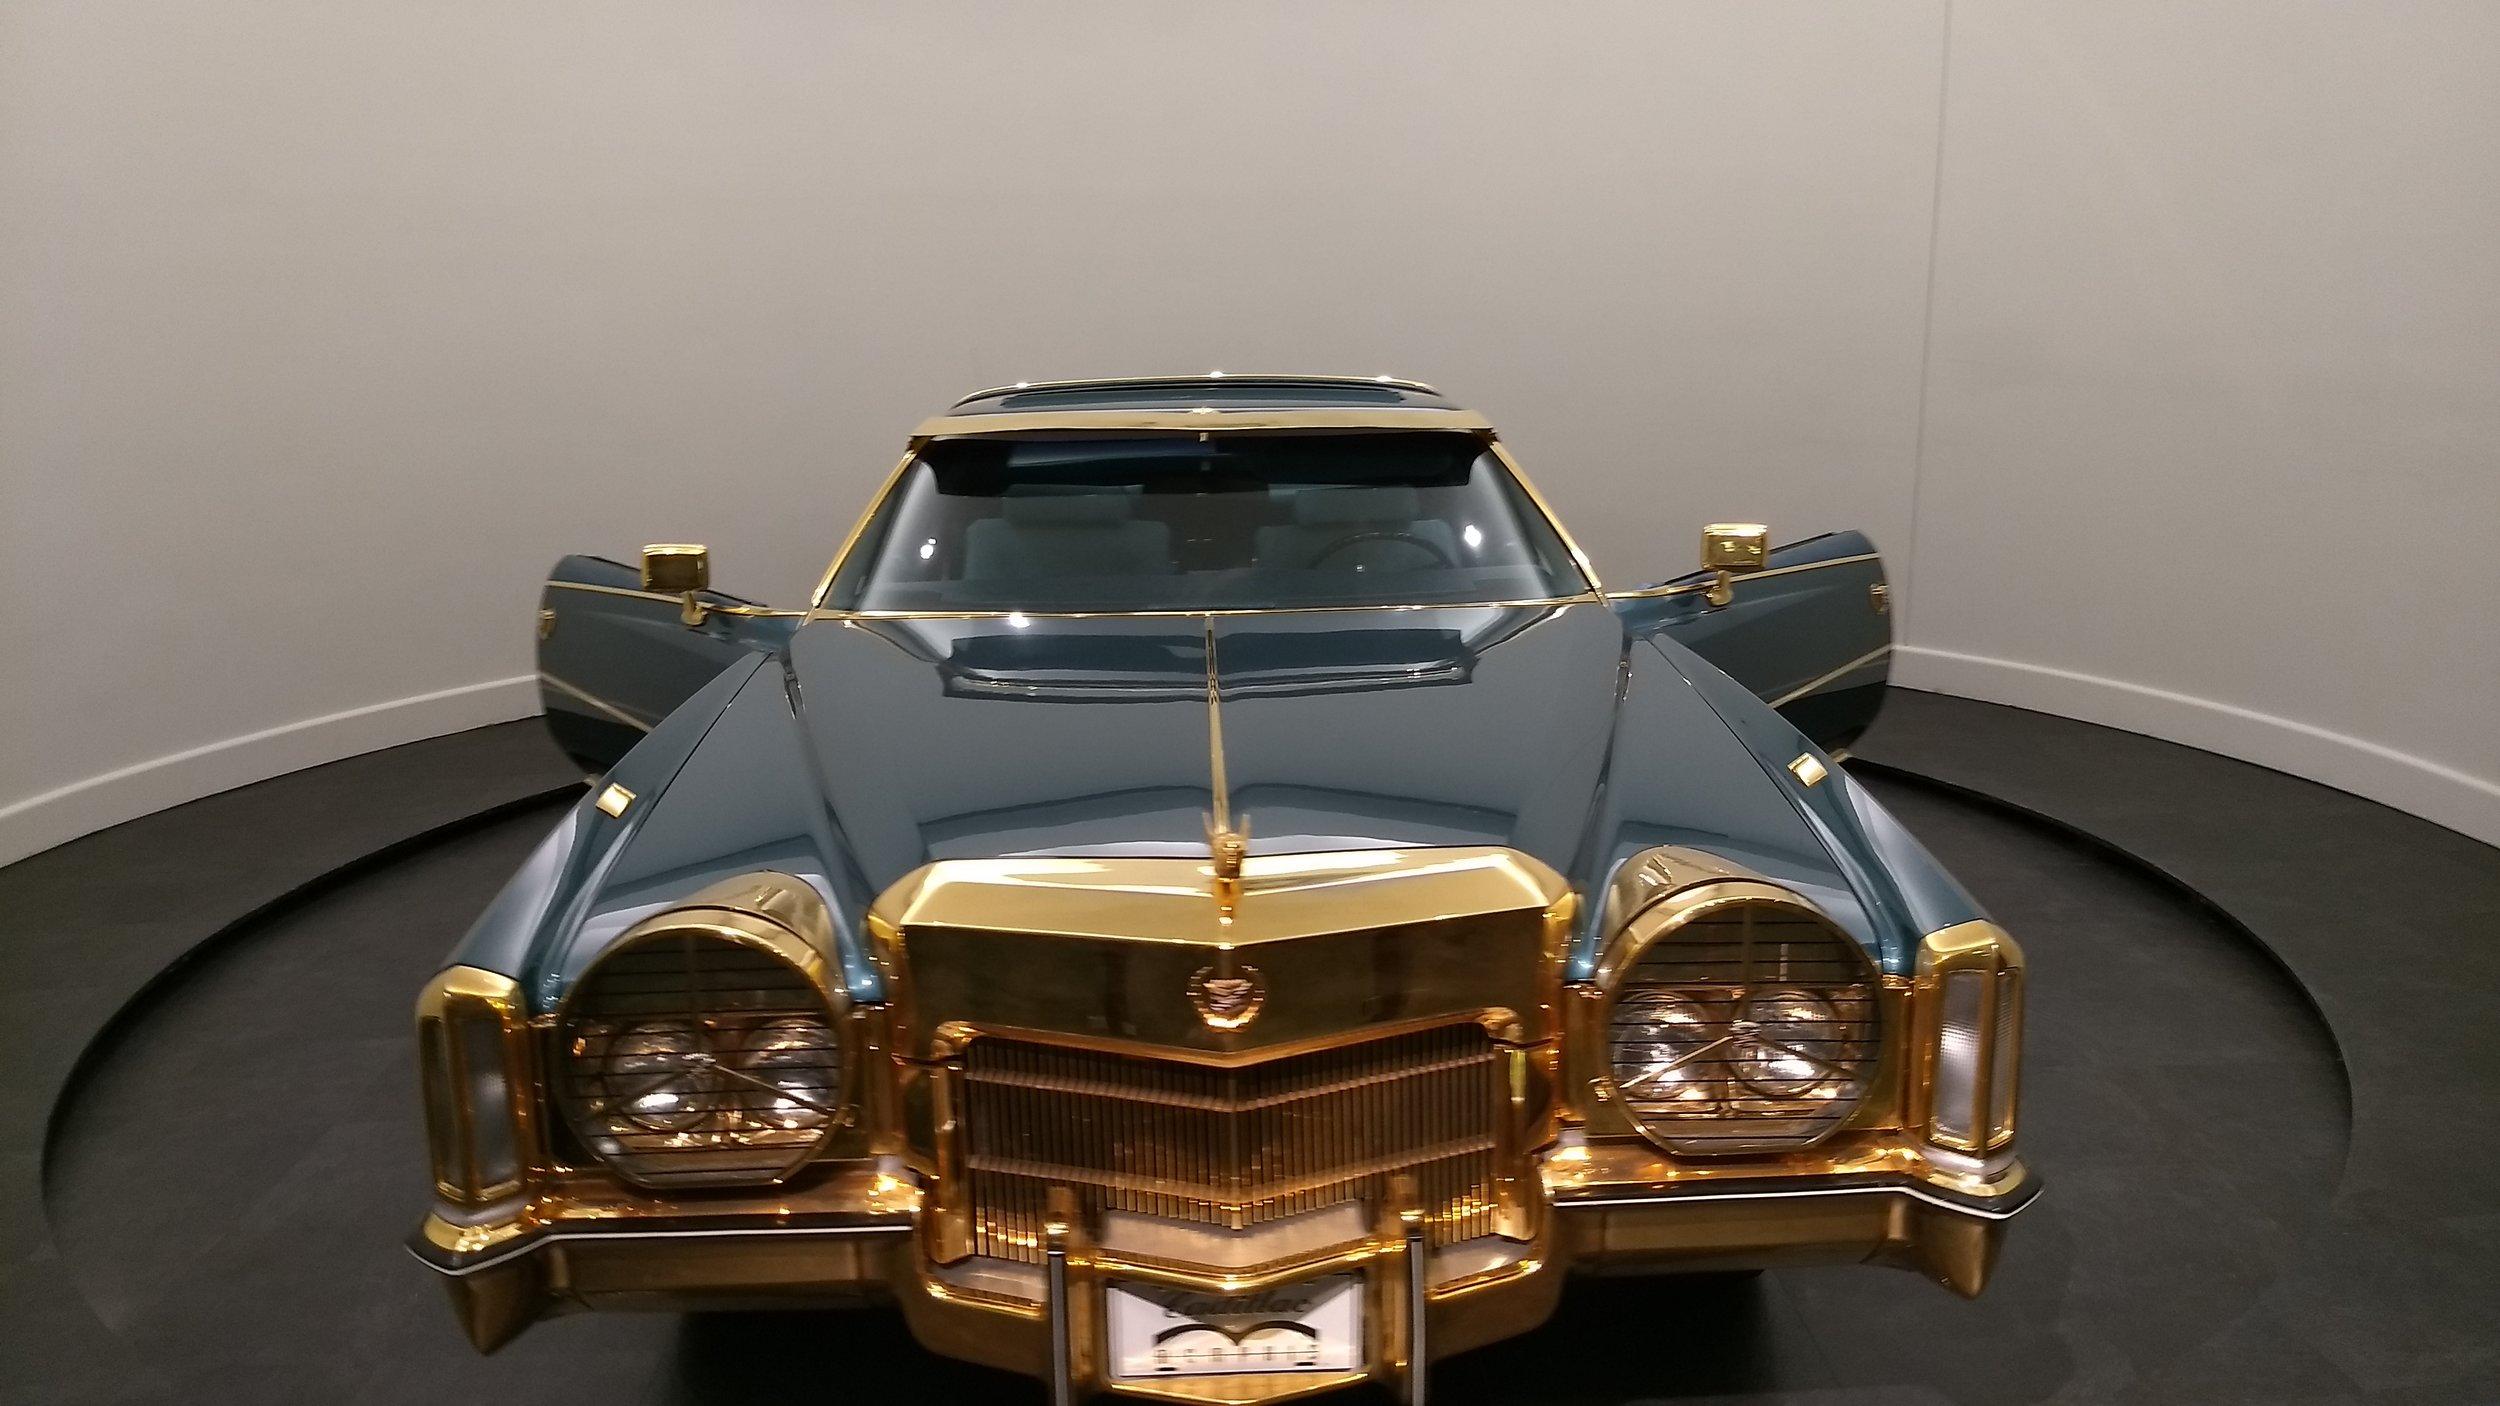 Isaac Hayes' gold Cadillac